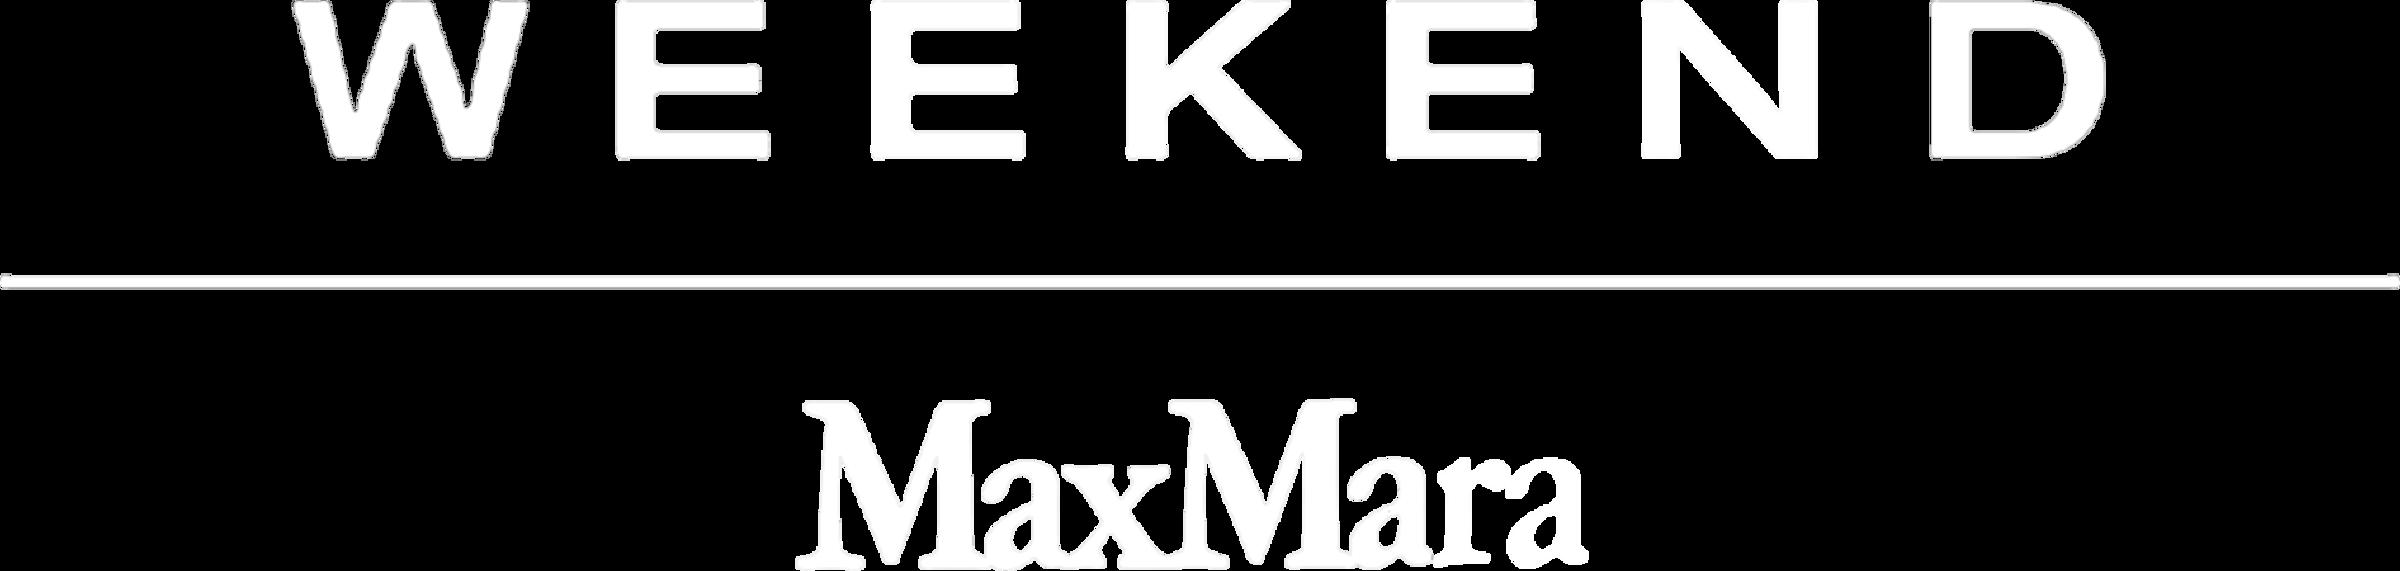 Weekend Max Mara Logo